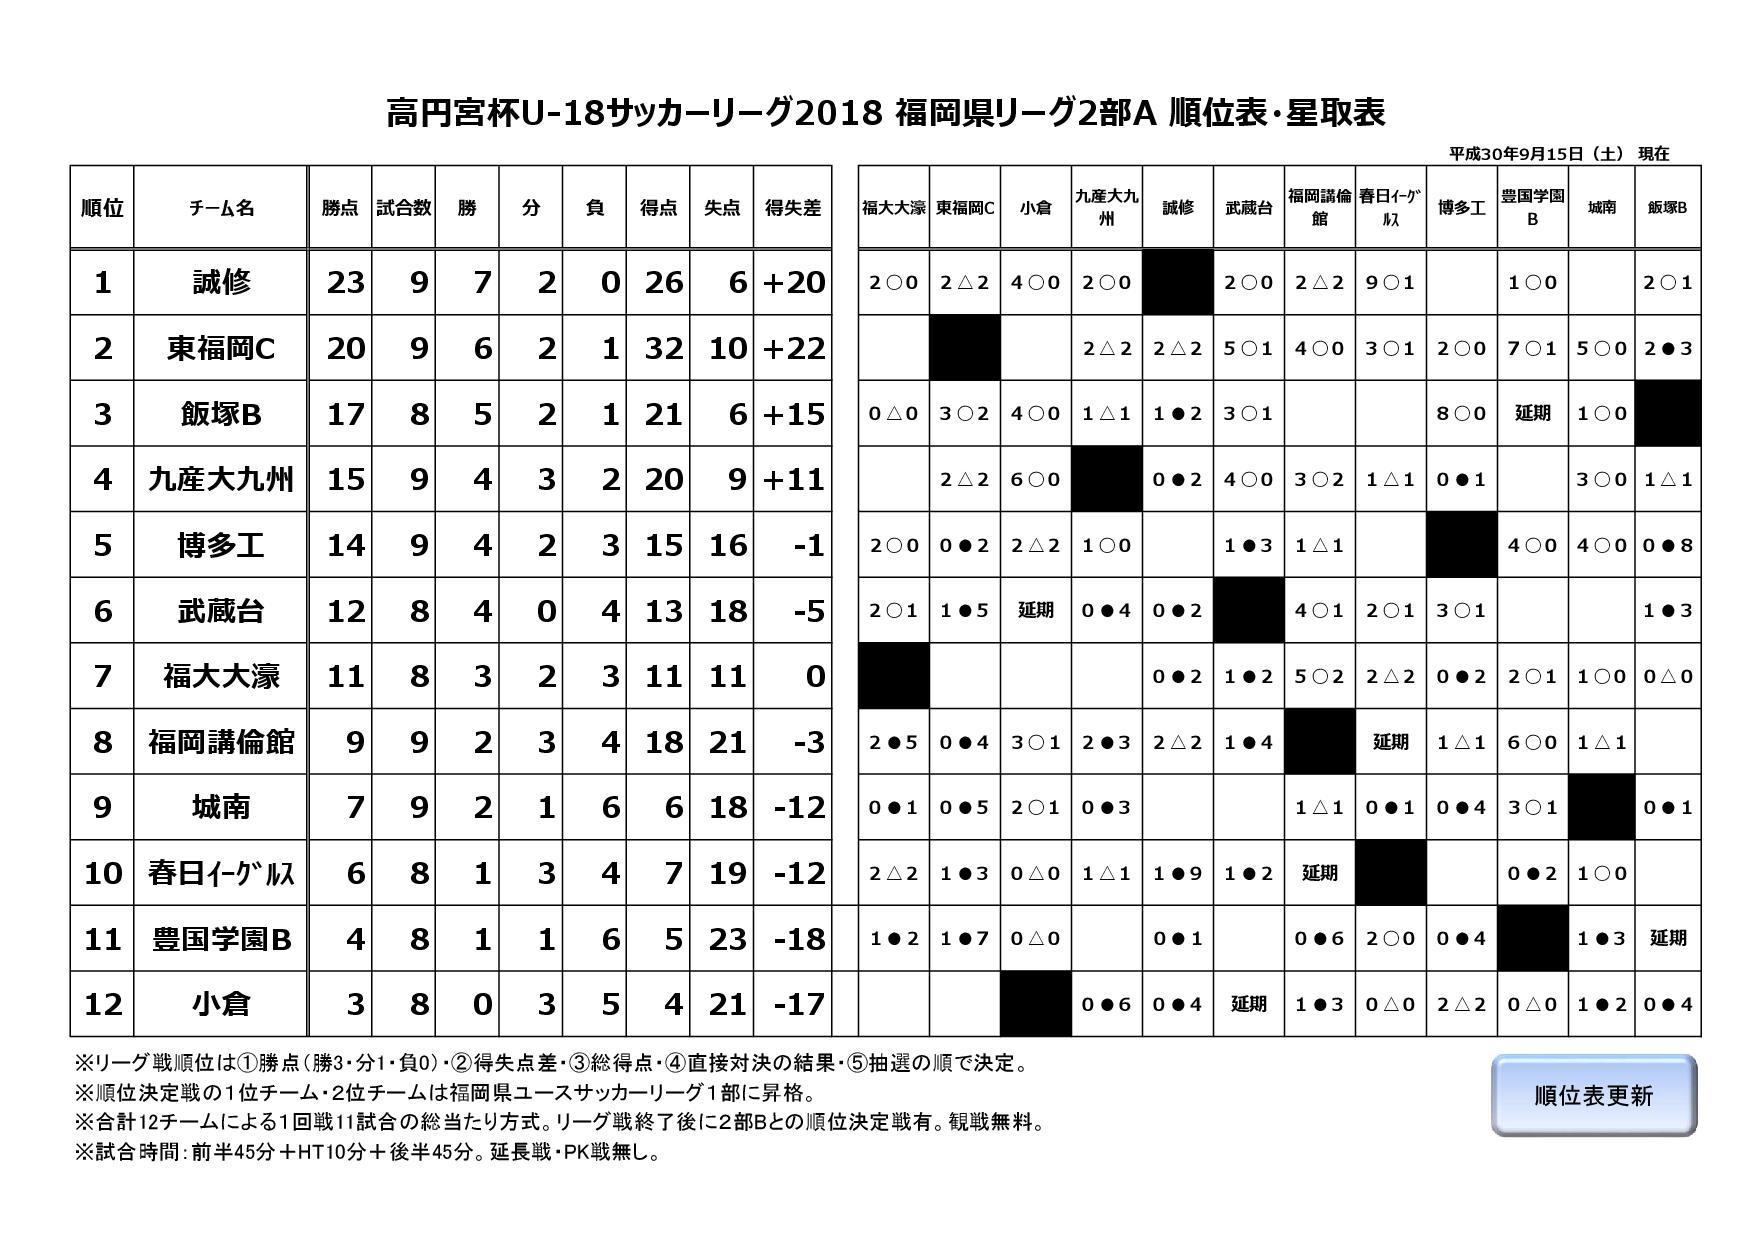 2018年度福岡県ユースサッカーリーグ2部A